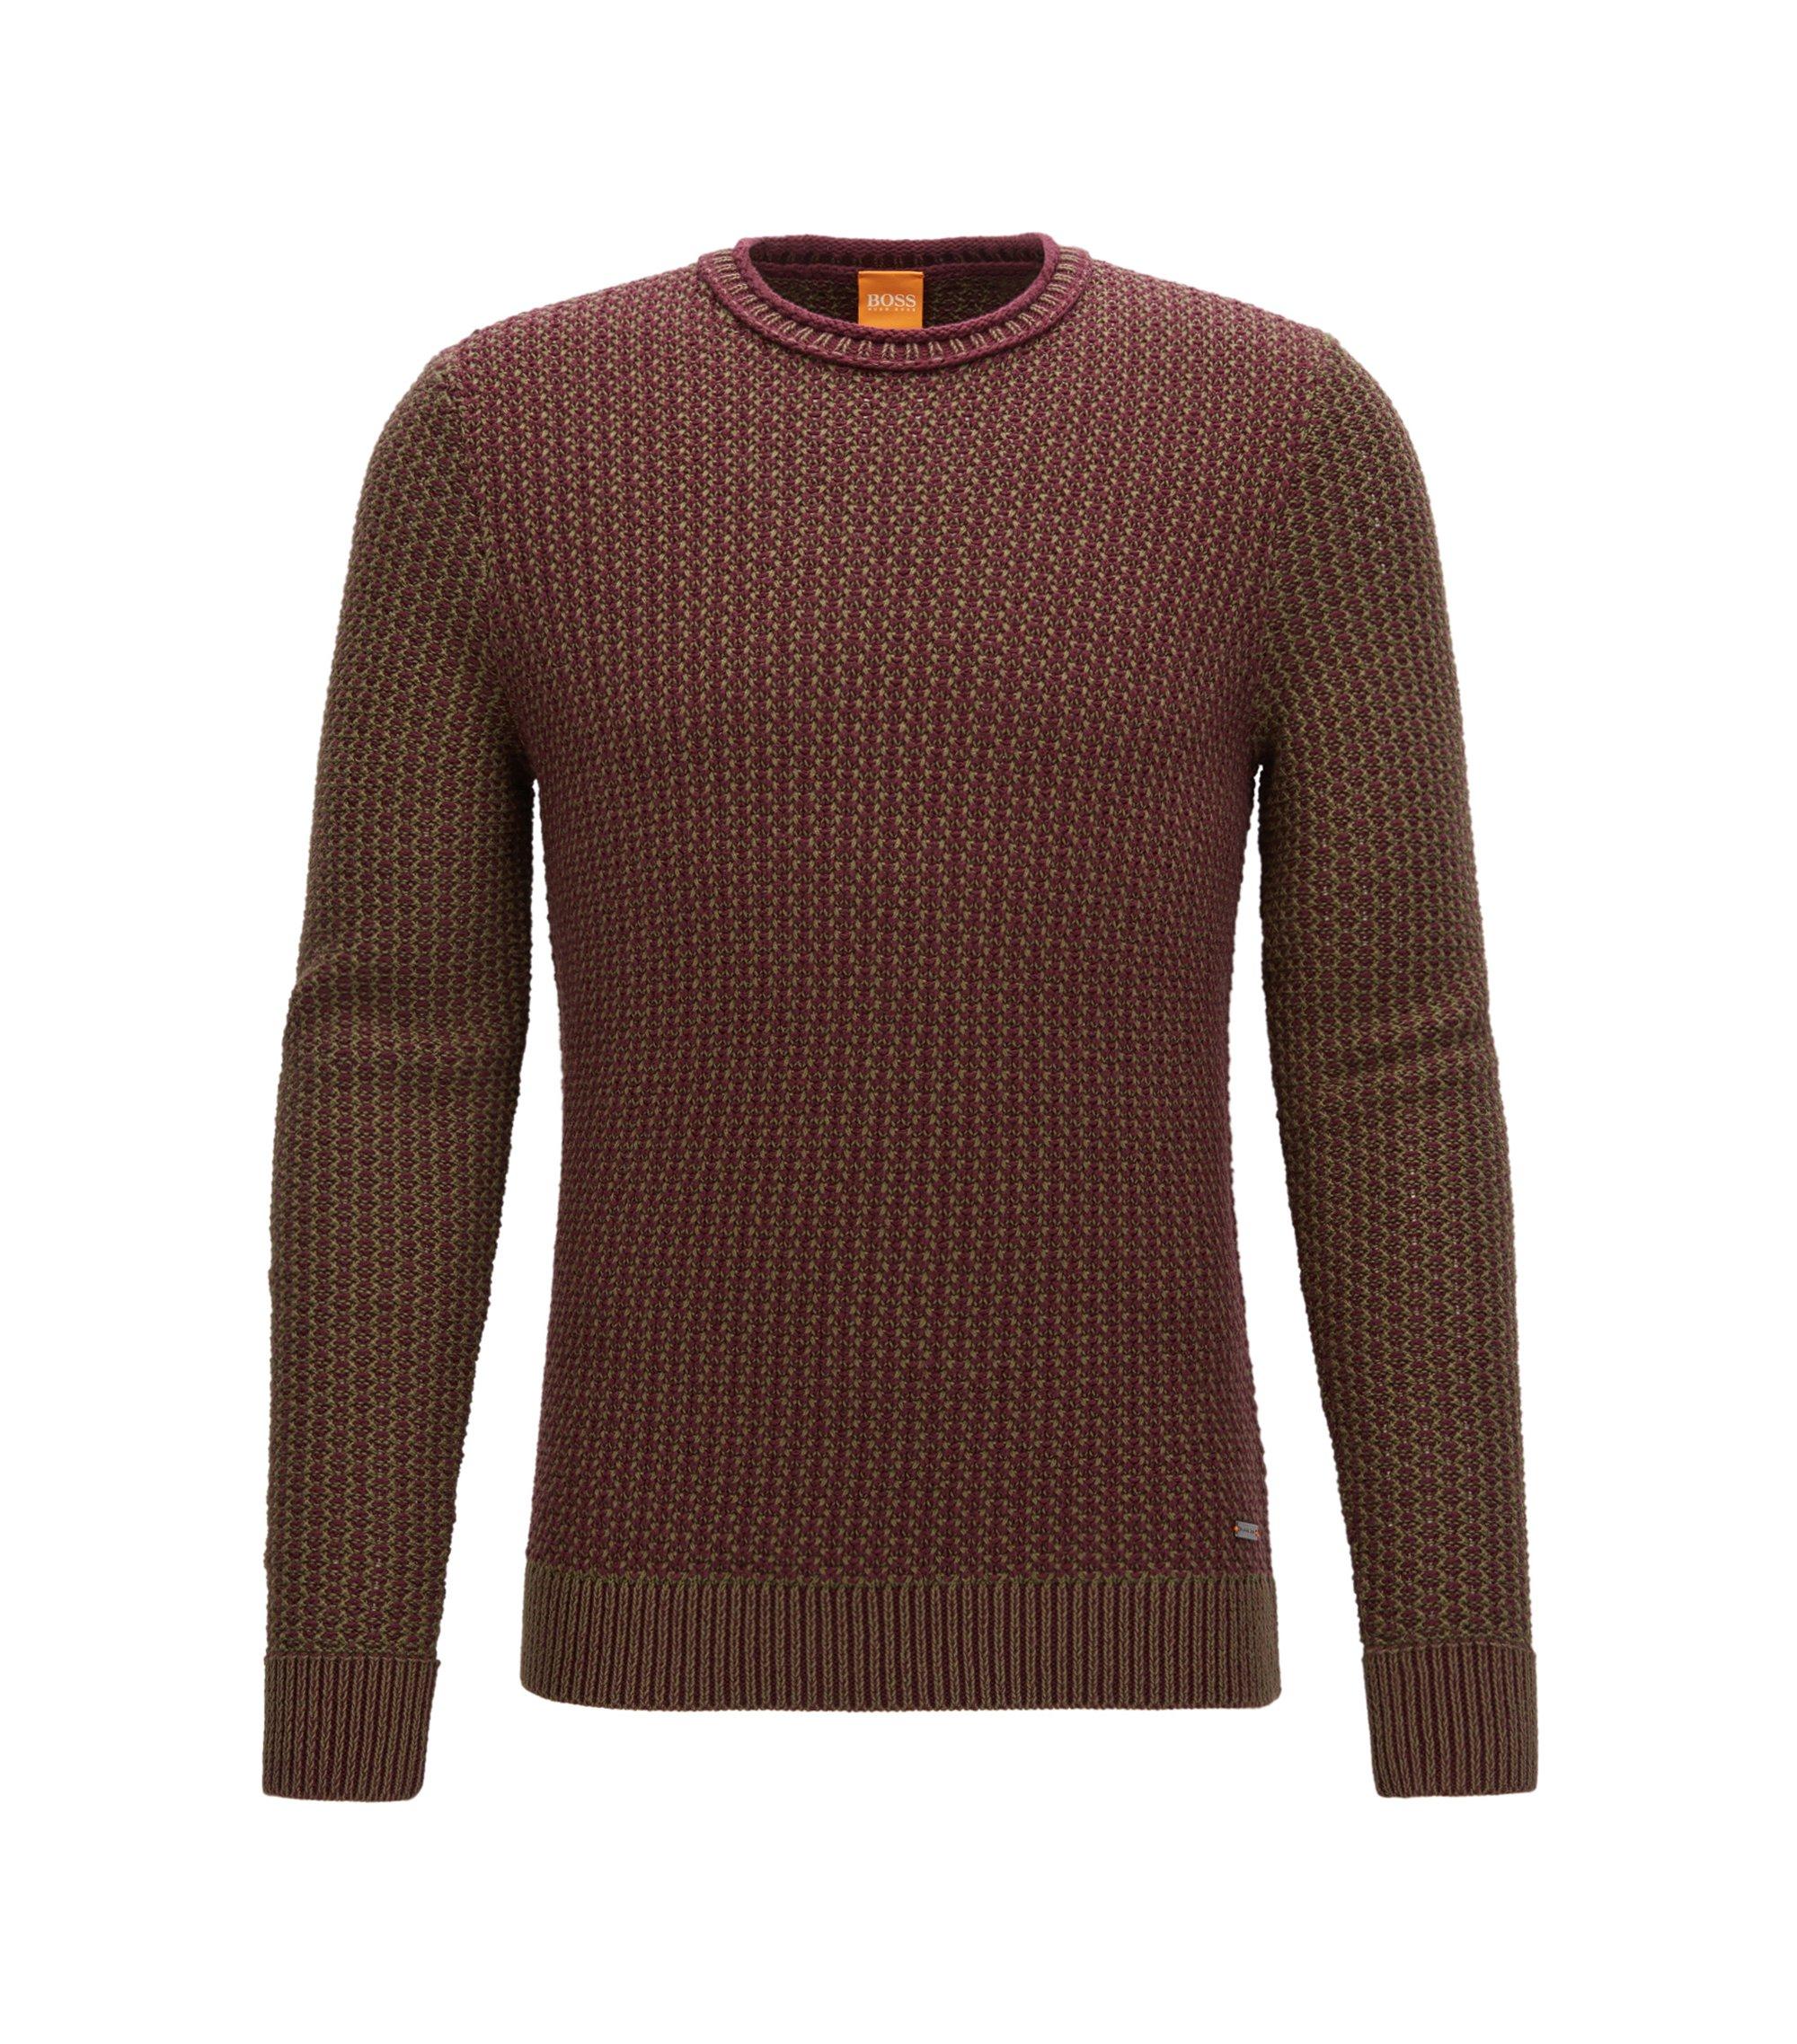 Maglione a girocollo in cotone lavorato, Rosso scuro